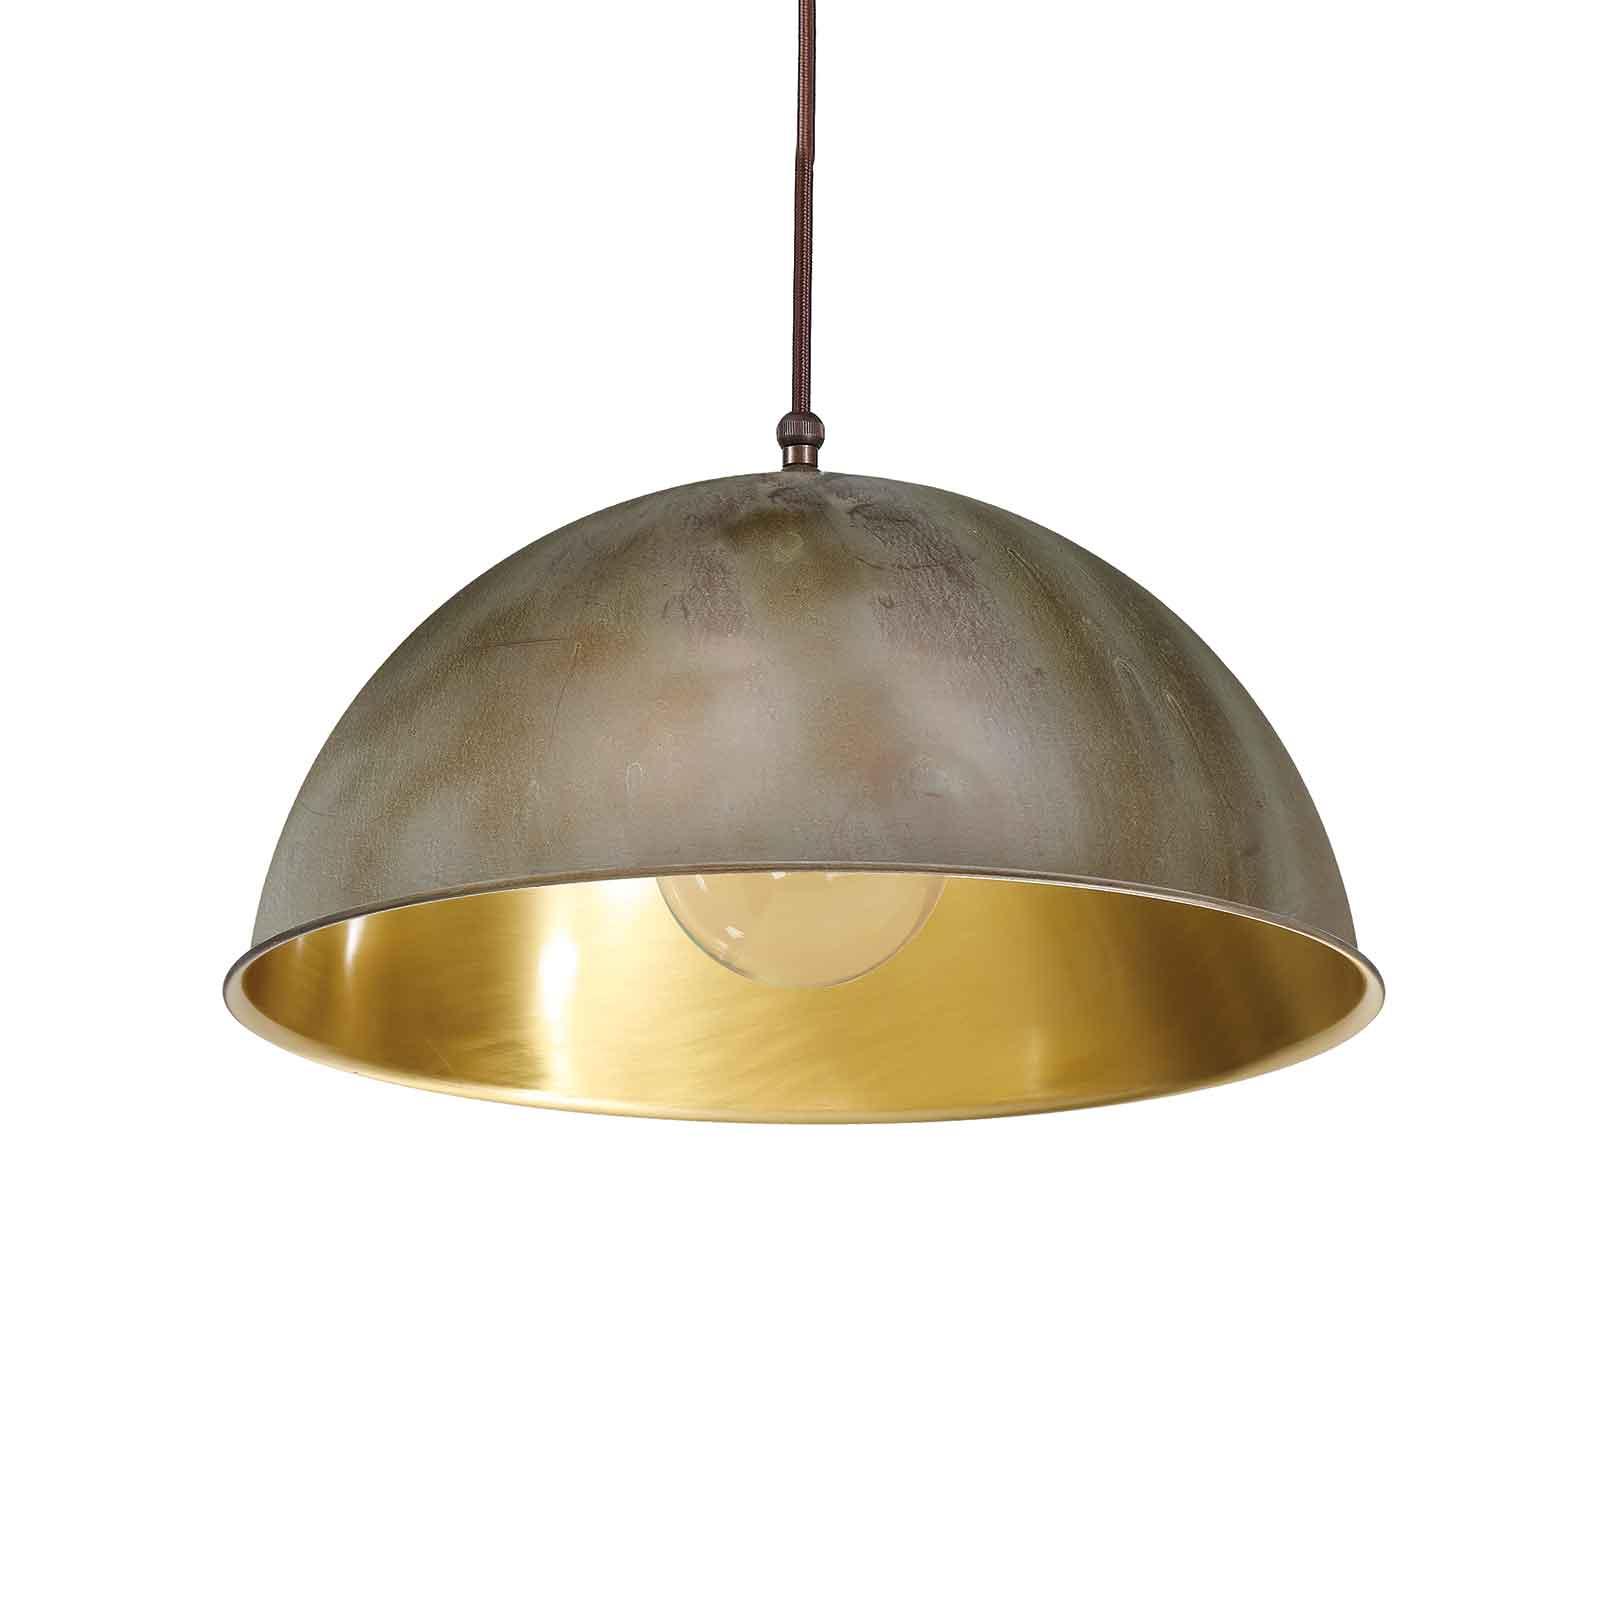 Hanglamp Circle goud / messing antiek, Ø25cm